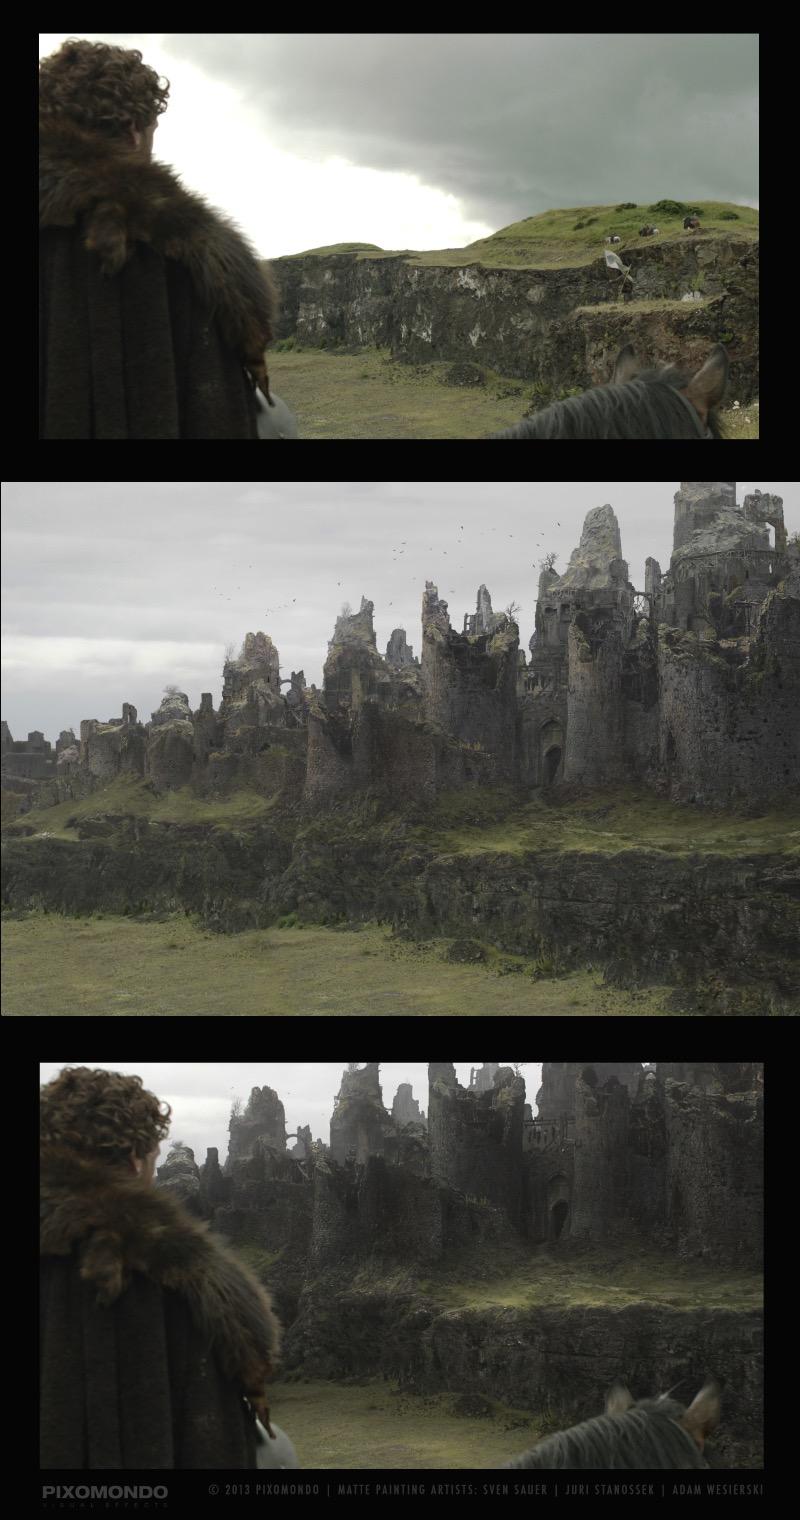 Sven Sauer mostra como que ajudou a criar o mundo medieval de Game of Thrones. De castelos e cenários medievais, passando por todo o resto.